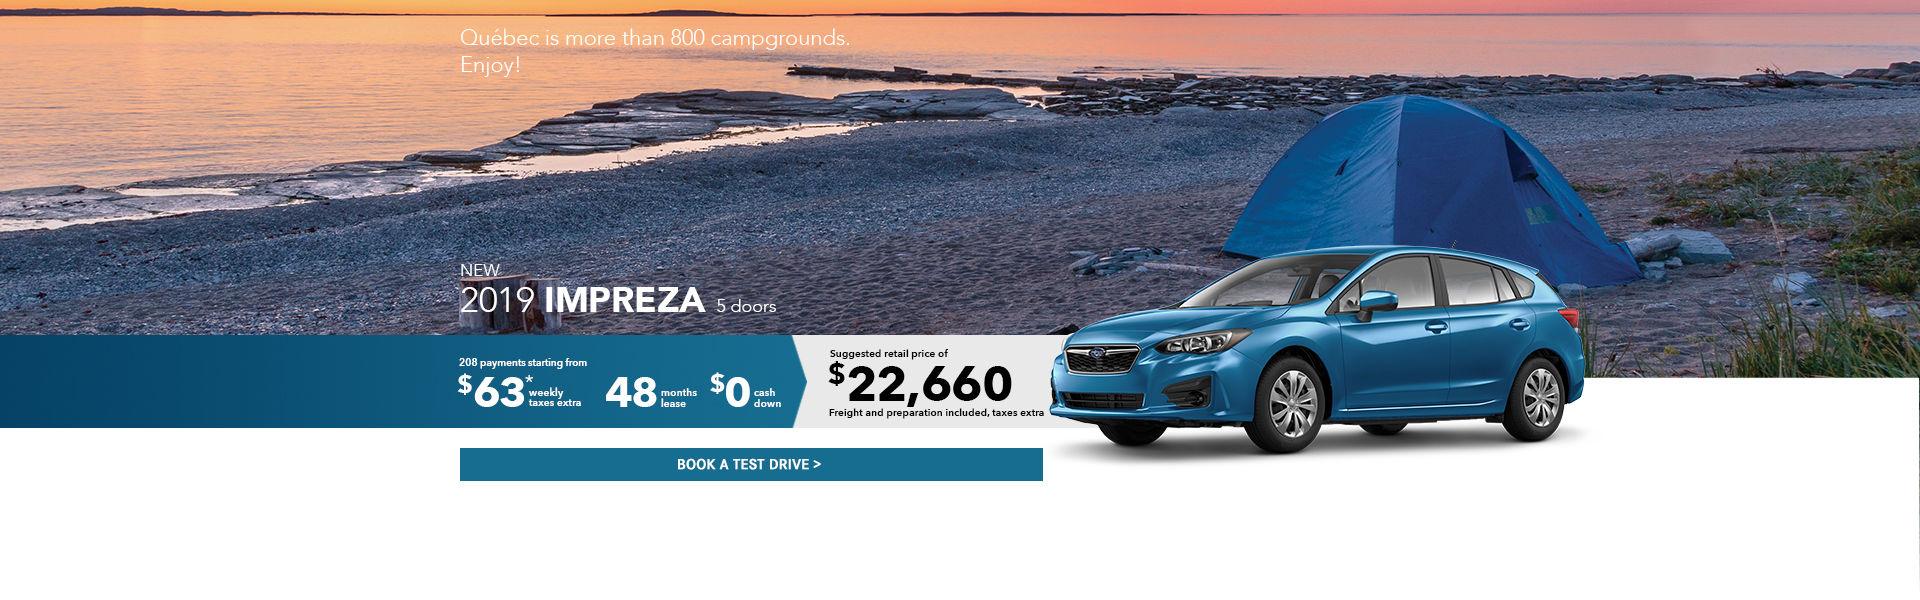 Subaru Impreza August 2019